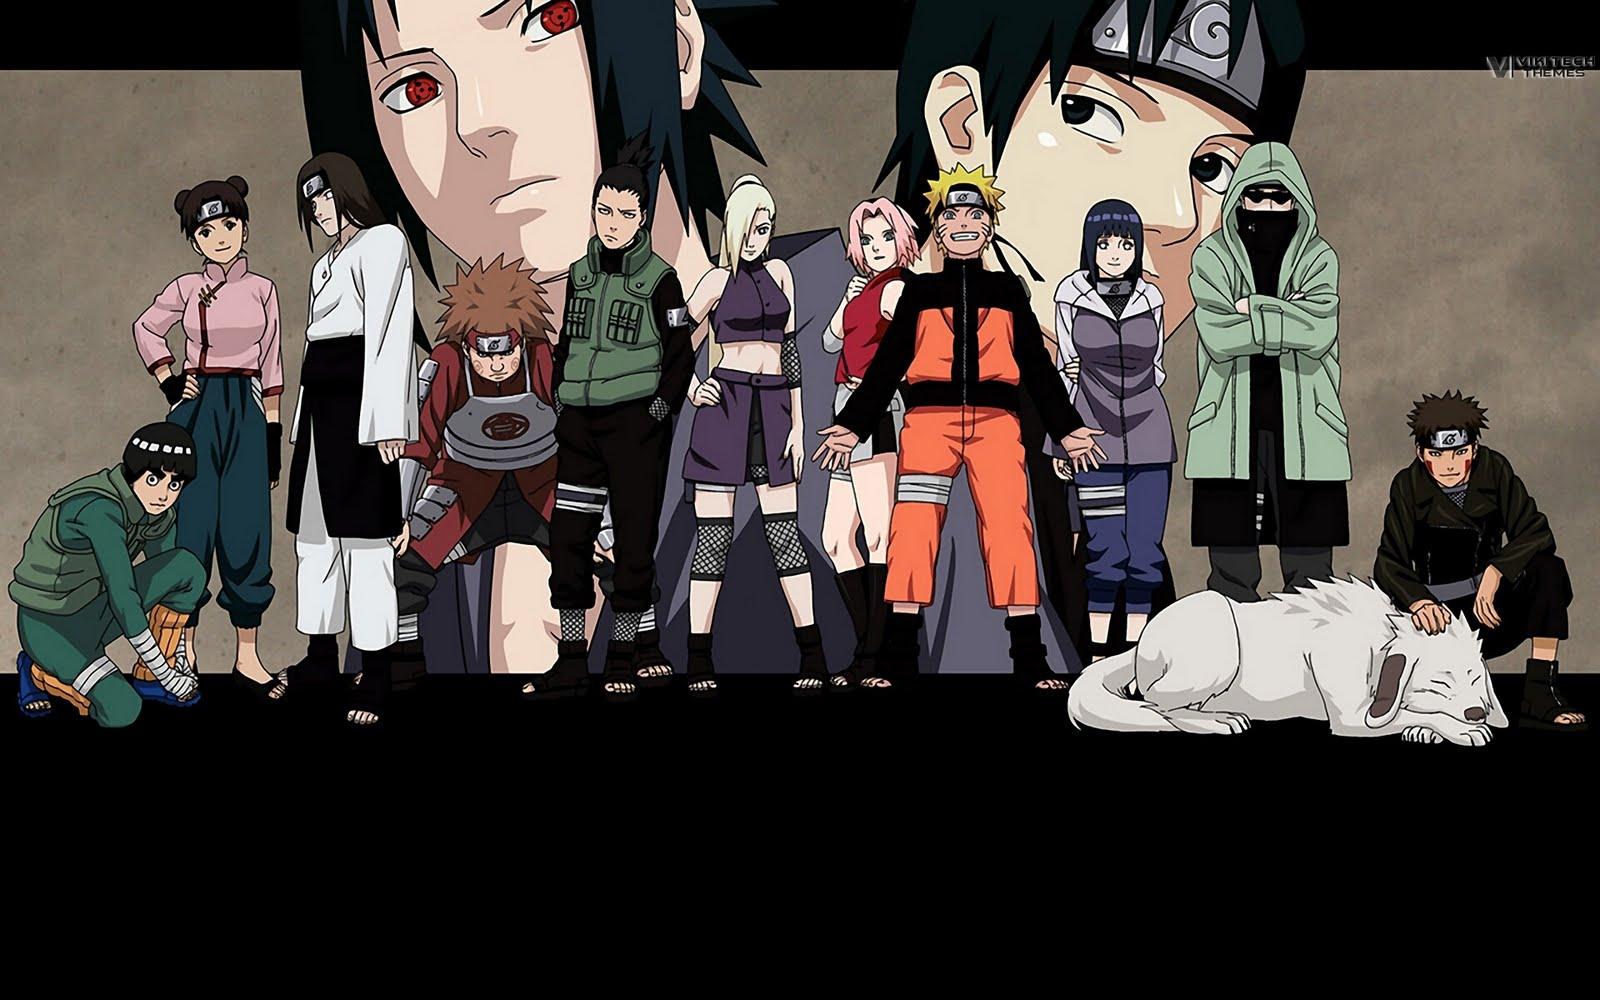 Download Wallpaper Naruto Original - Wallpaper-Naruto-Shippuden-004  Gallery_248127.jpg